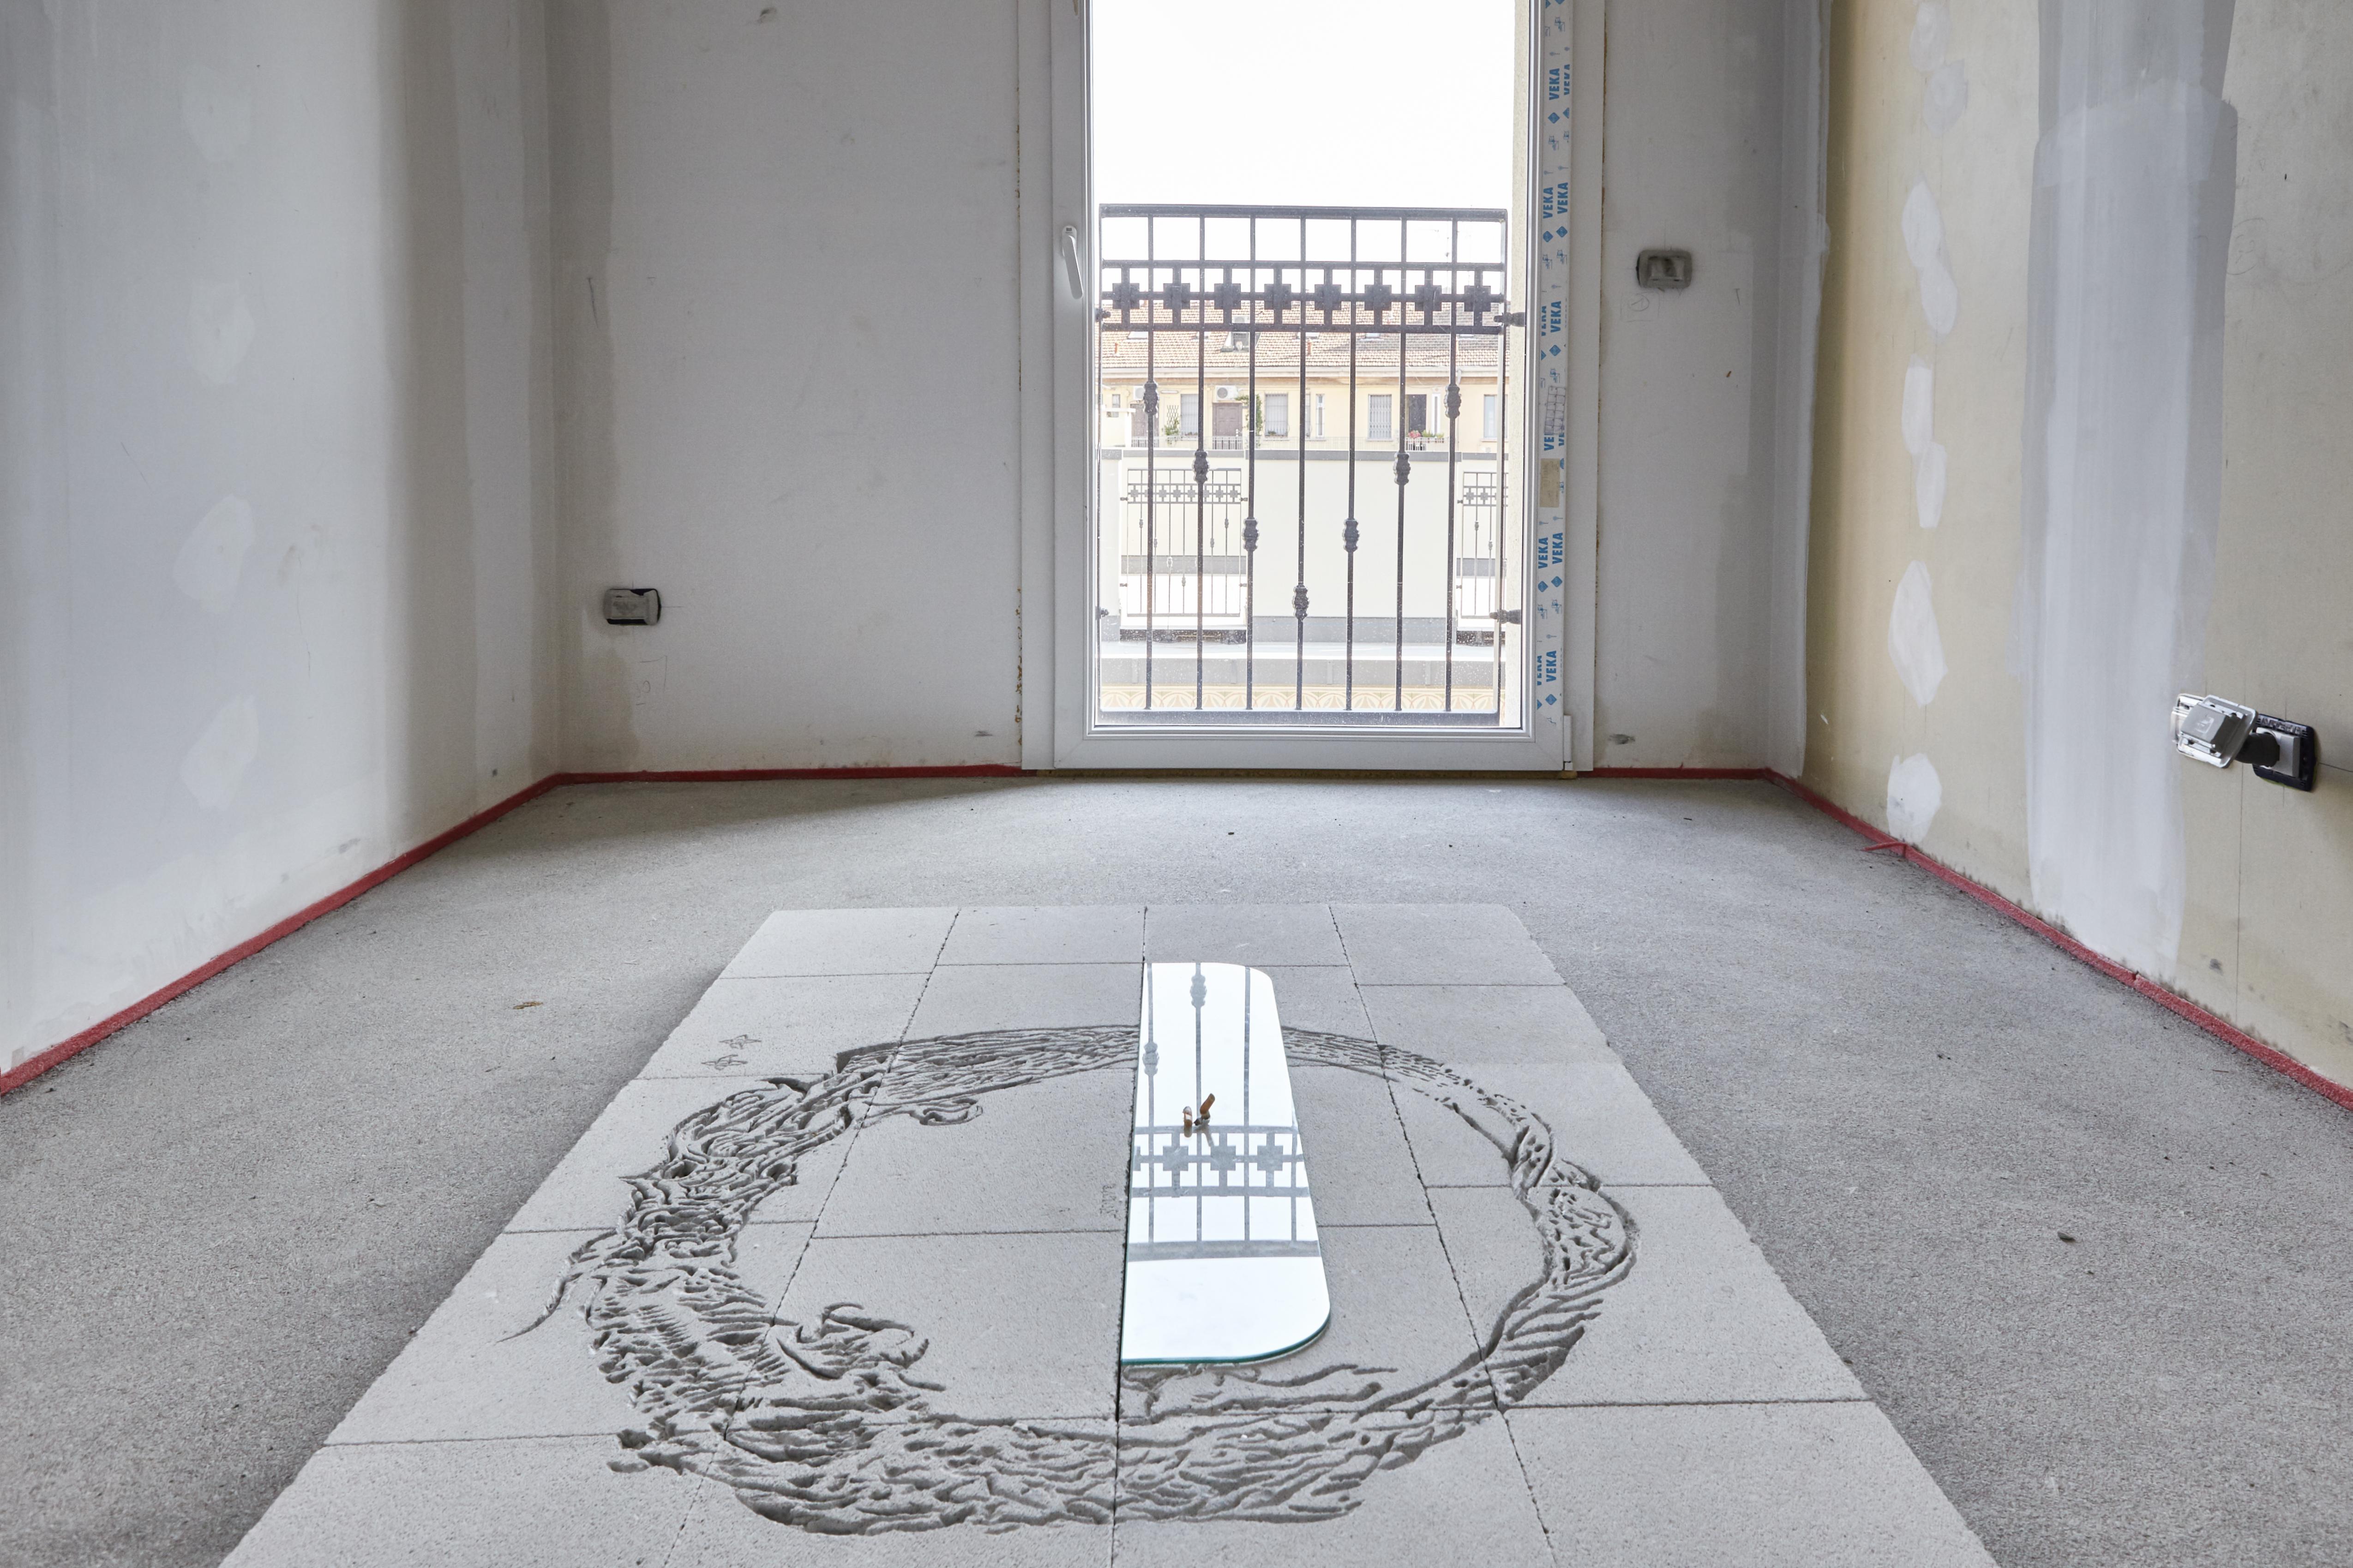 Alessandro di Pietro, Attico, Installation view, FuturDome Milano, agosto 2016, ph. Floriana Giacinti